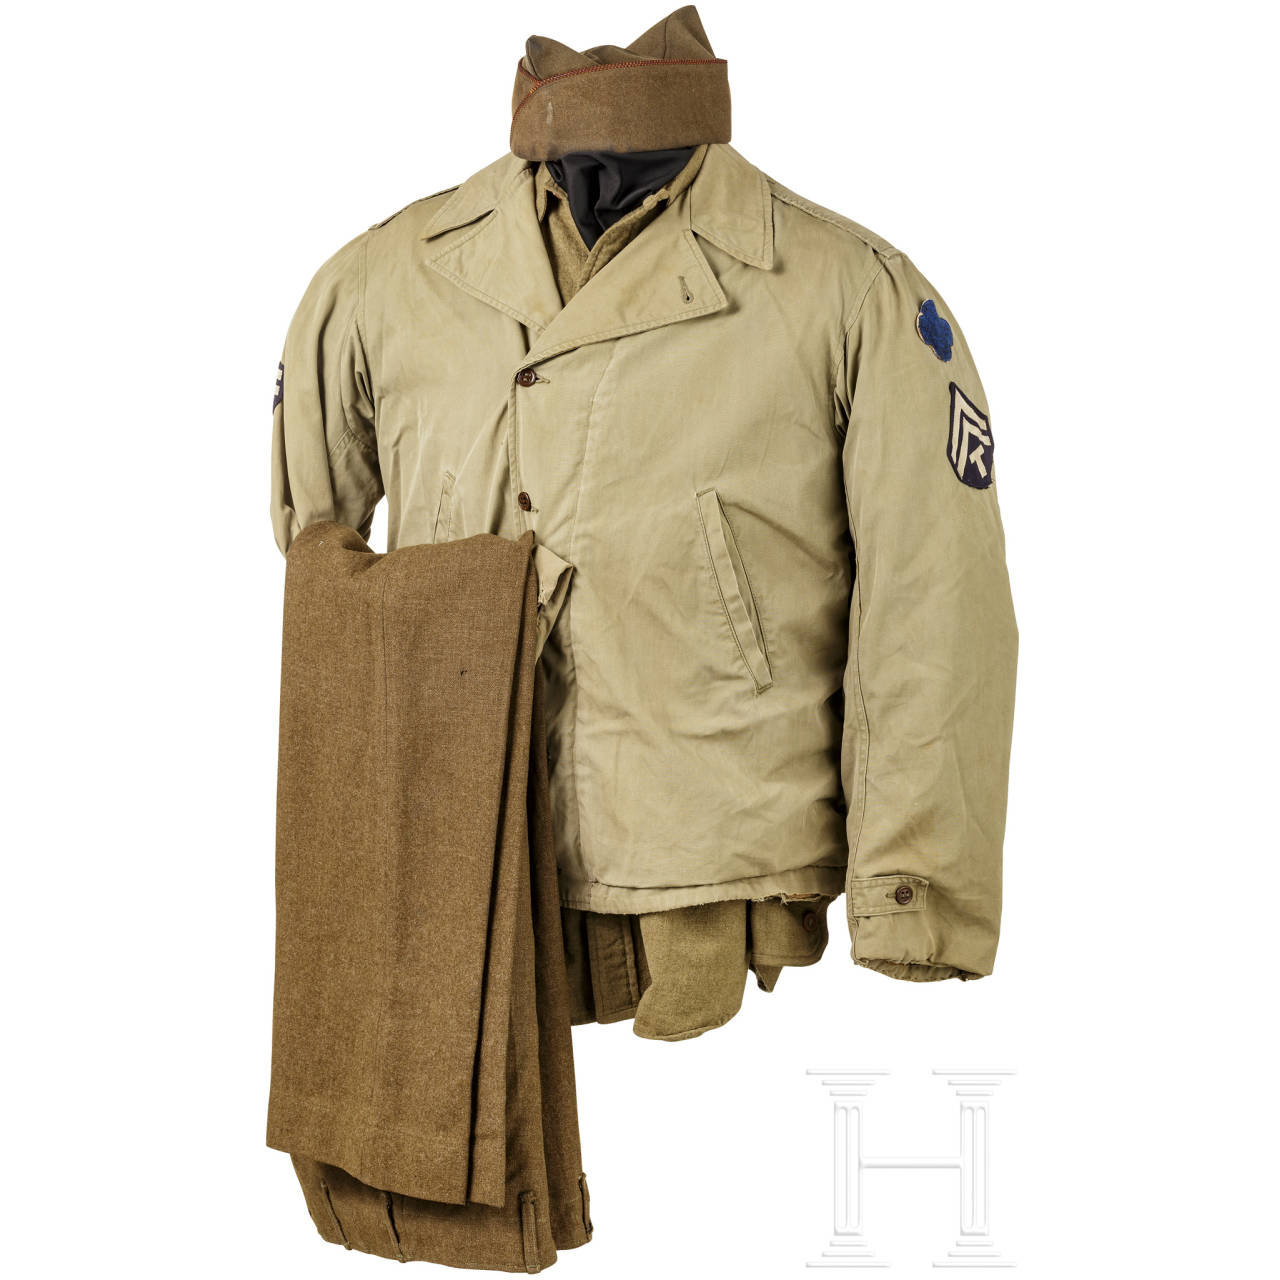 Felduniform für Angehörige der 88. Infanteriedivision, 2. Weltkrieg